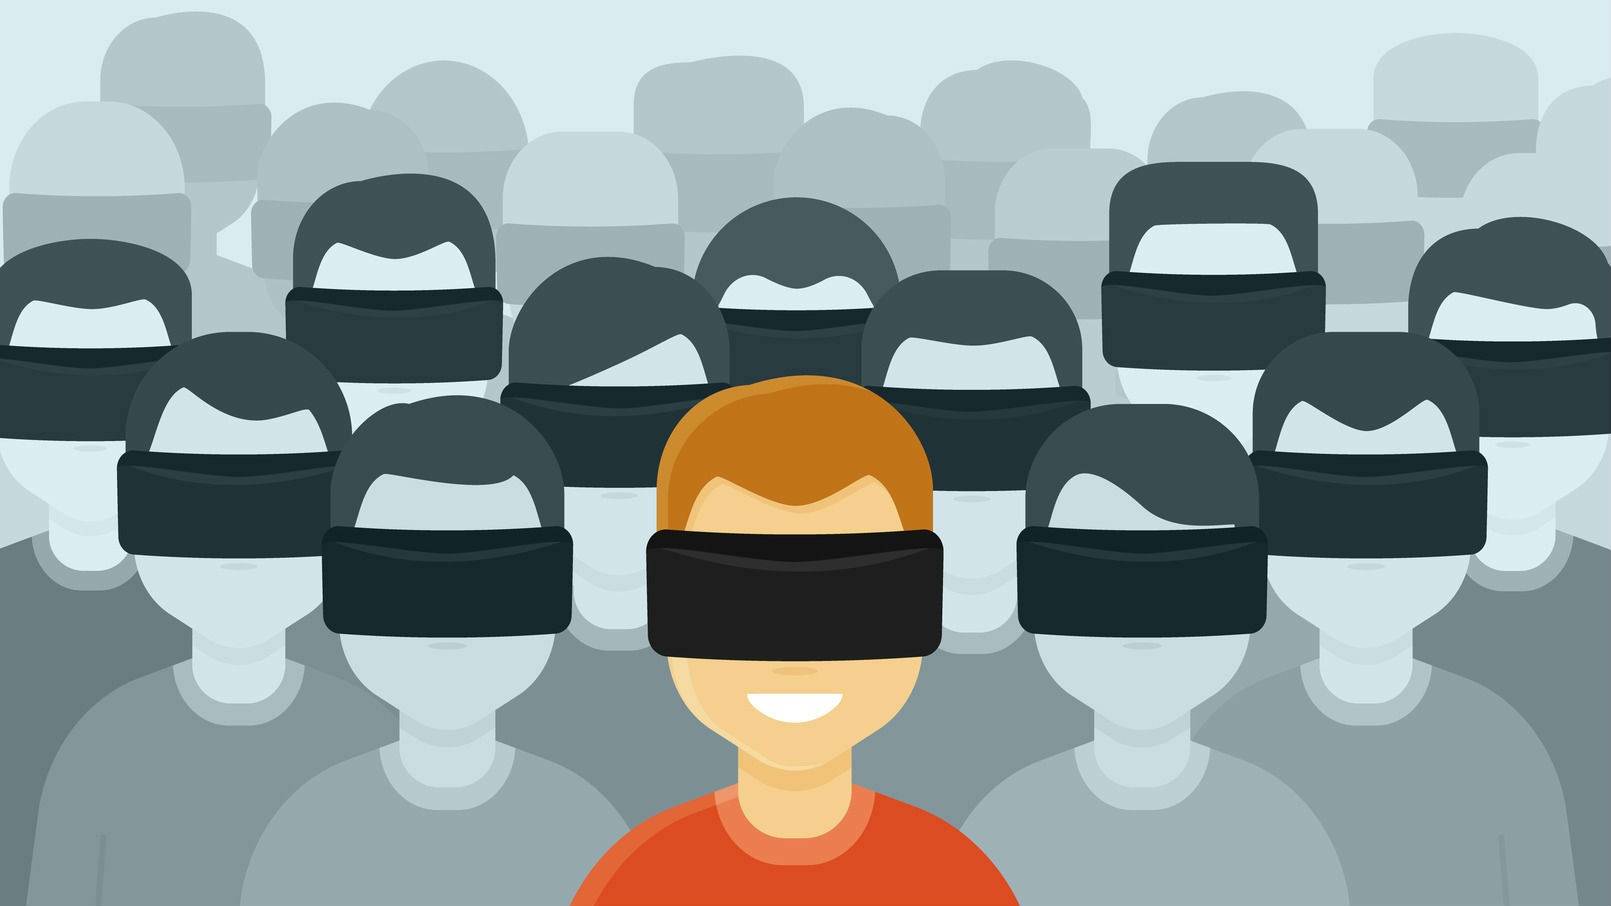 VR 360 Crowd